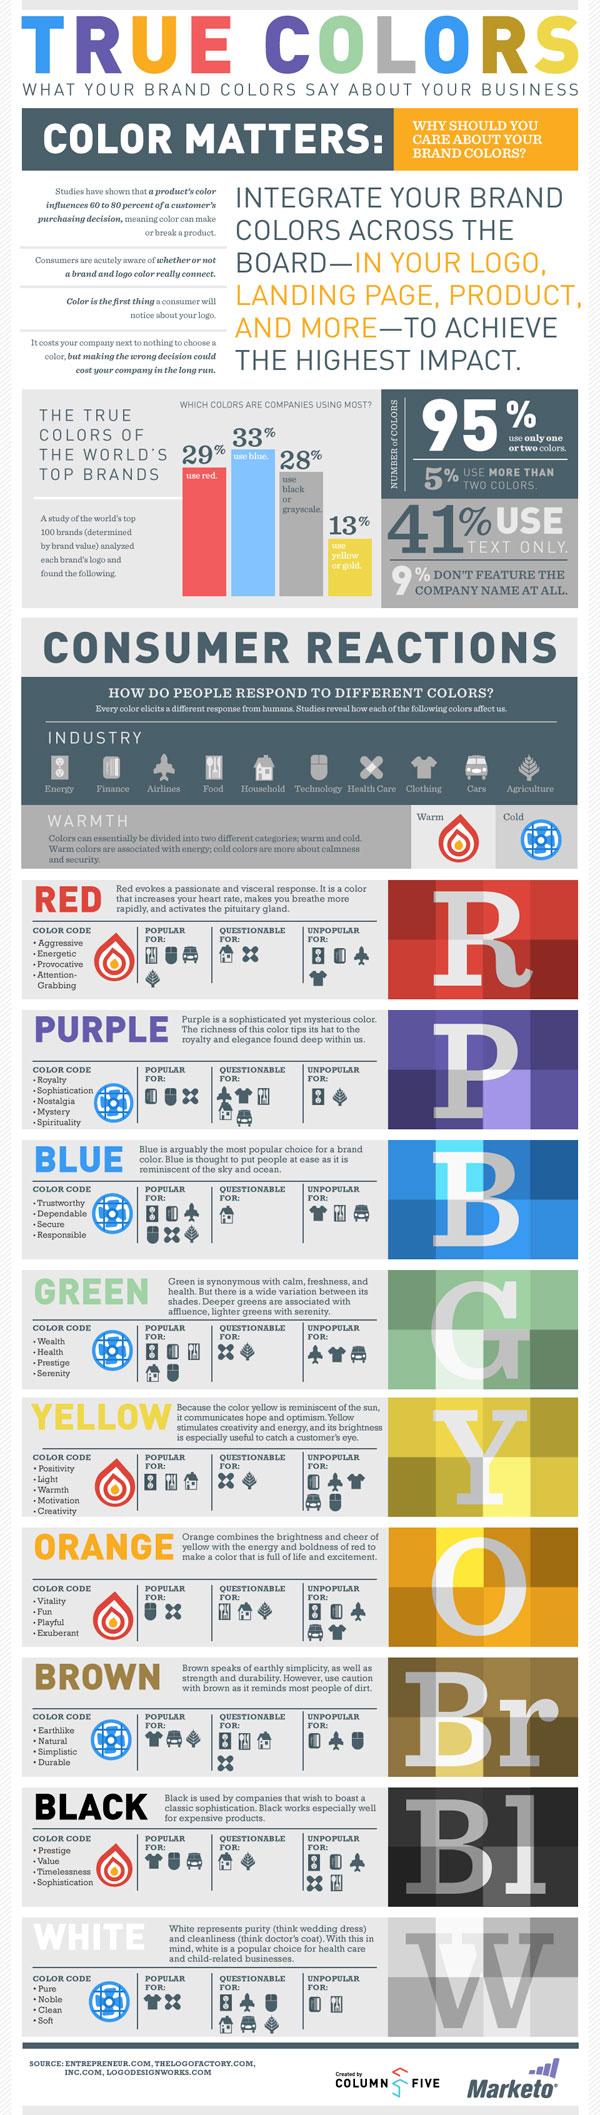 I colori non mentono: questo è quello che dicono i colori a proposito del tuo brand.